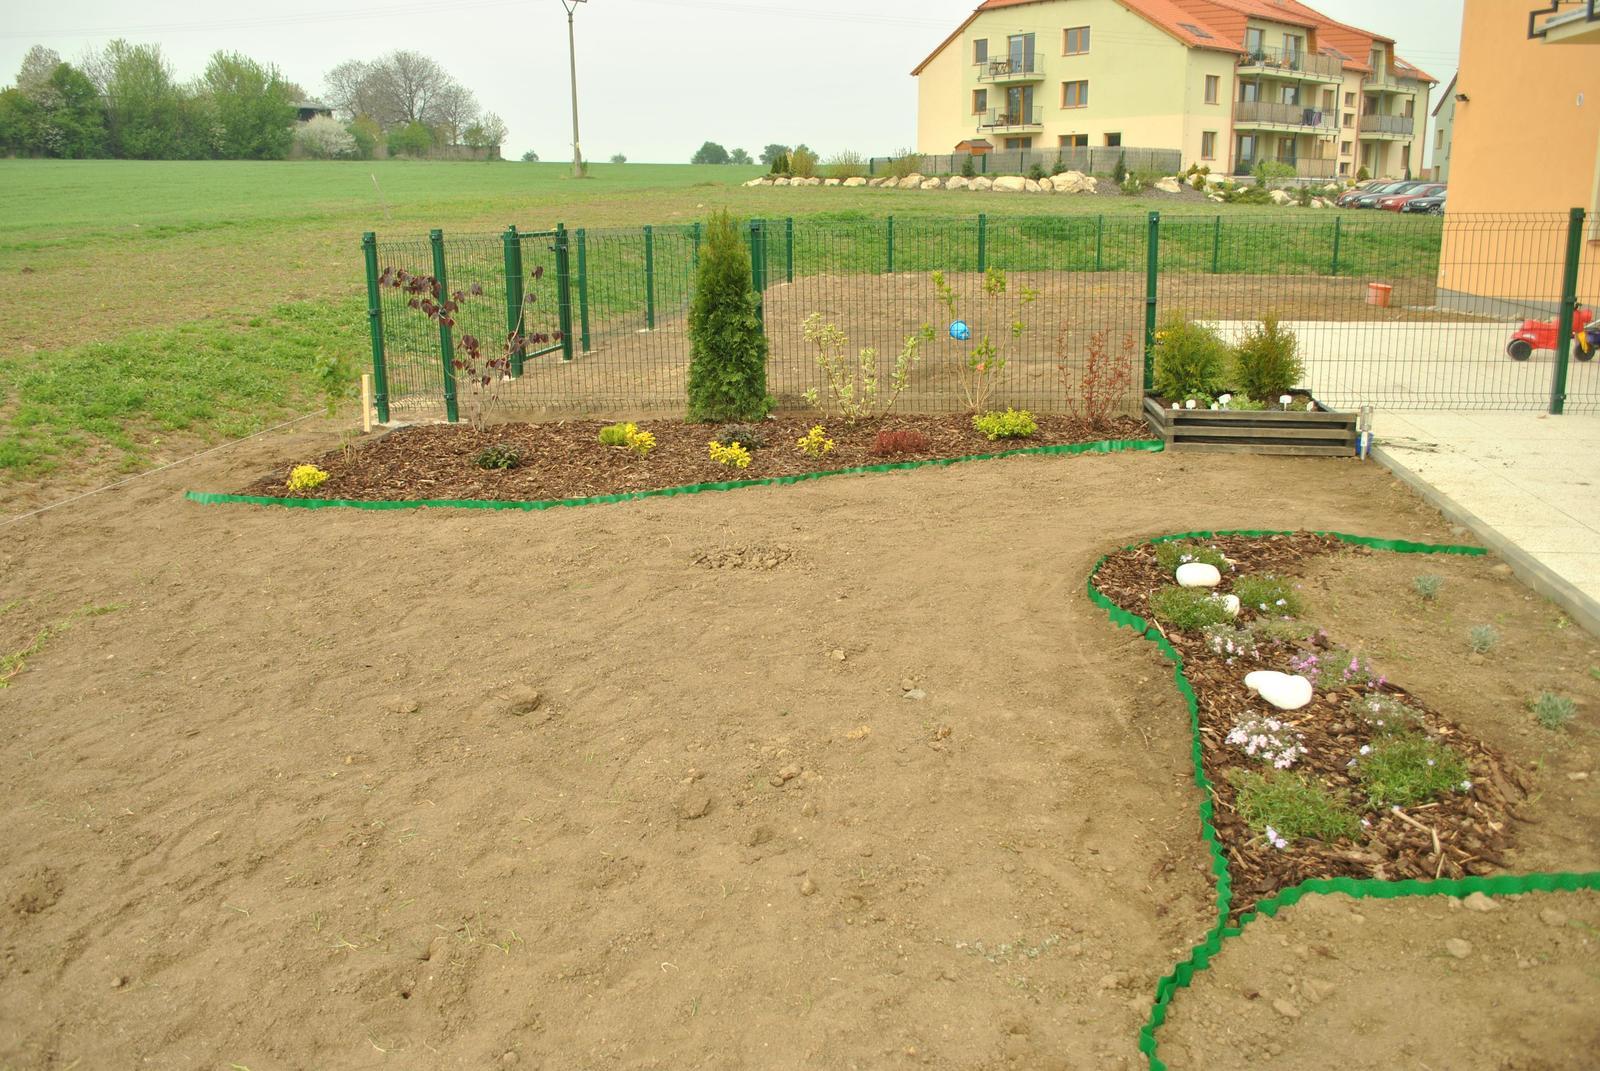 Zahrada- jak to vsechno zacalo.. - okraje zahonov su vyssie, ale budeme dovazat nejaku trosku lepsiu zem..